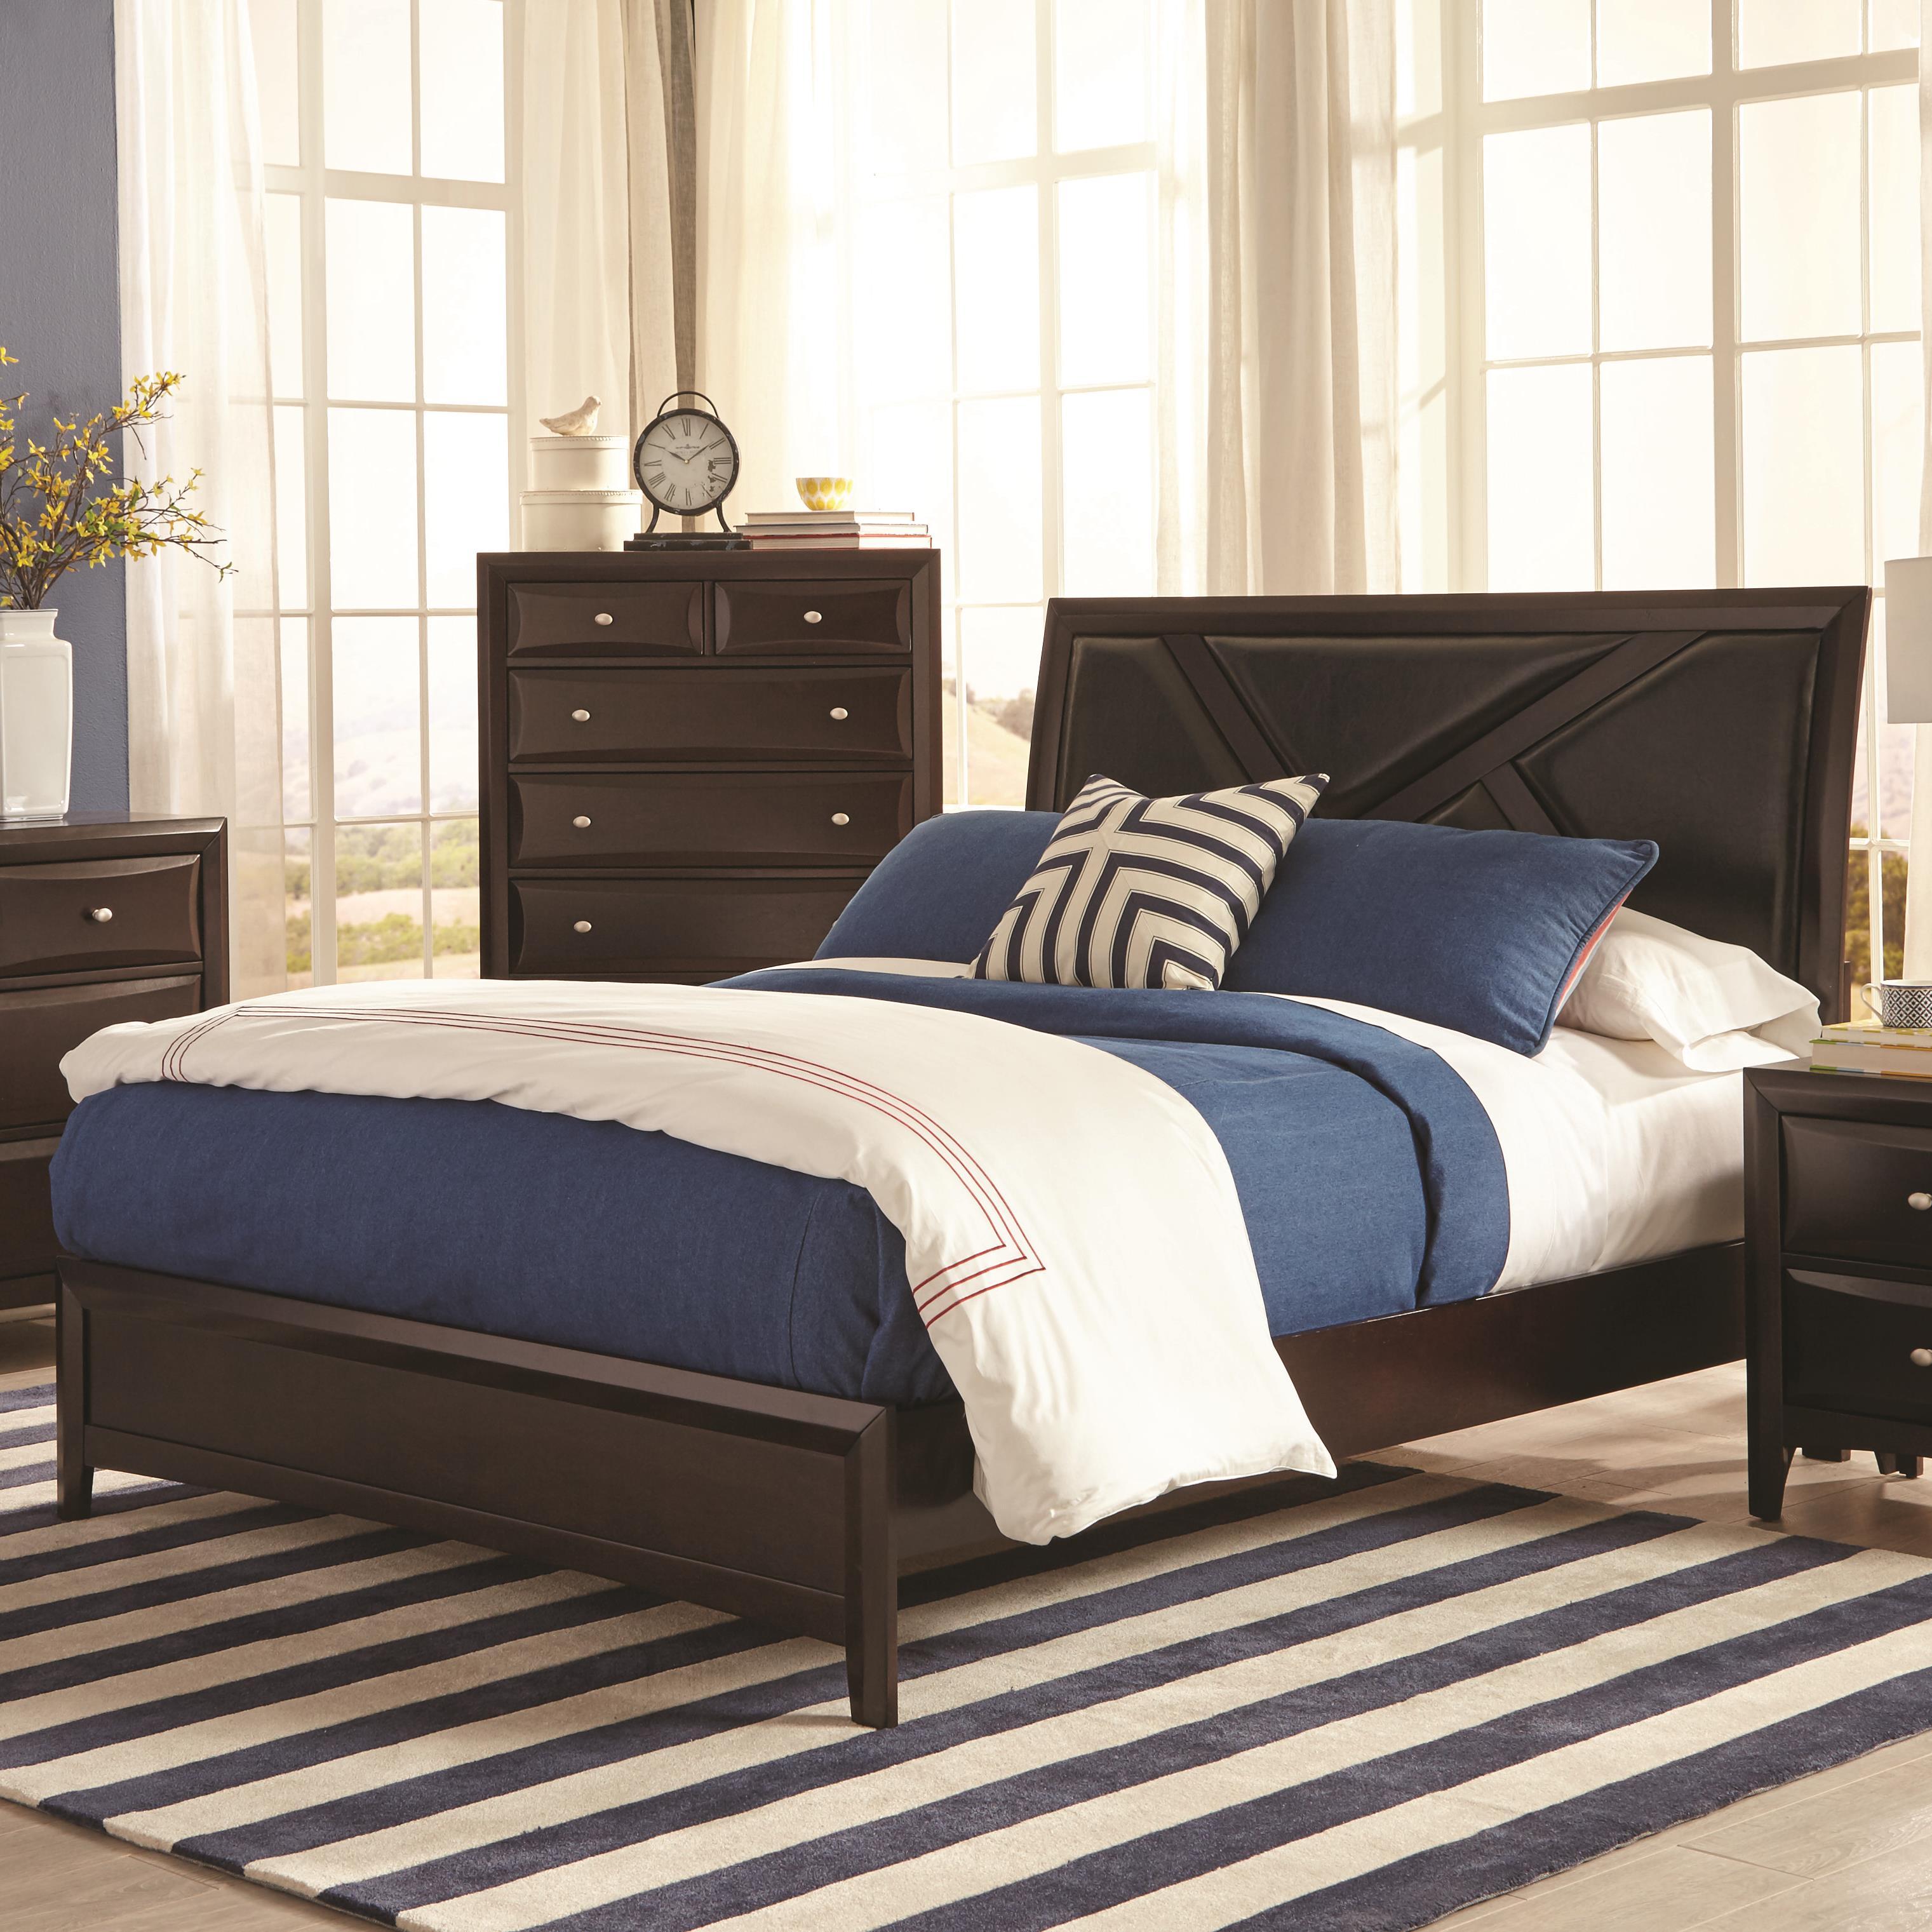 Coaster Rossville King Bed - Item Number: 204381KE